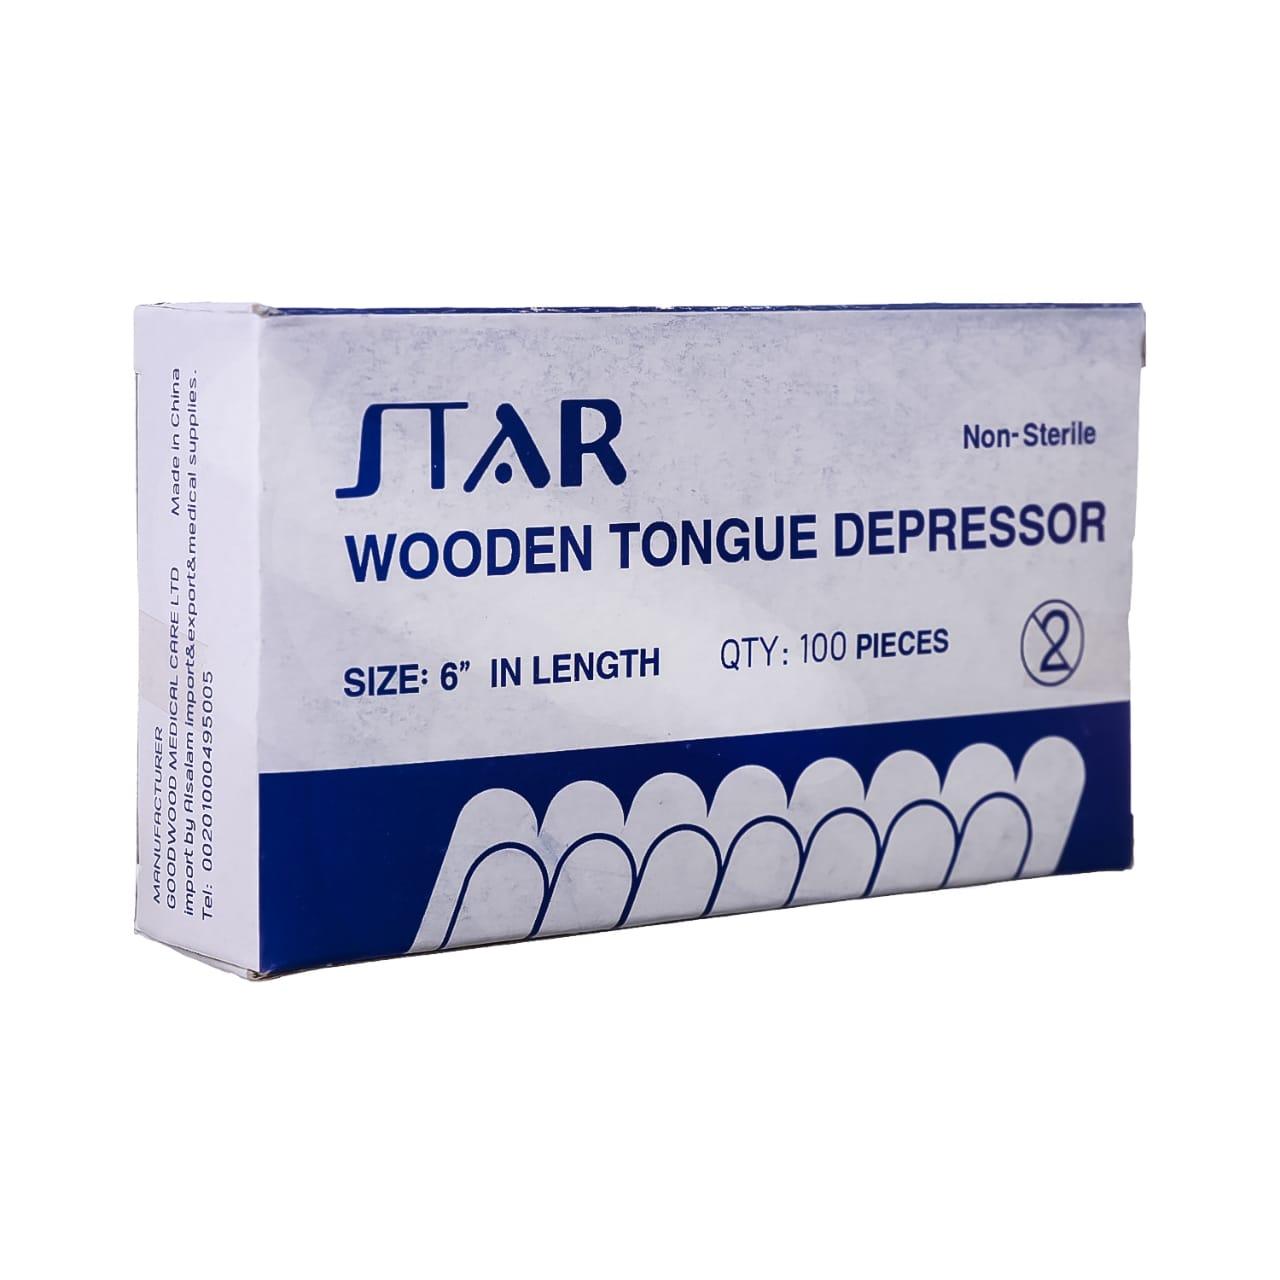 Wooden tongue depressor (Star)